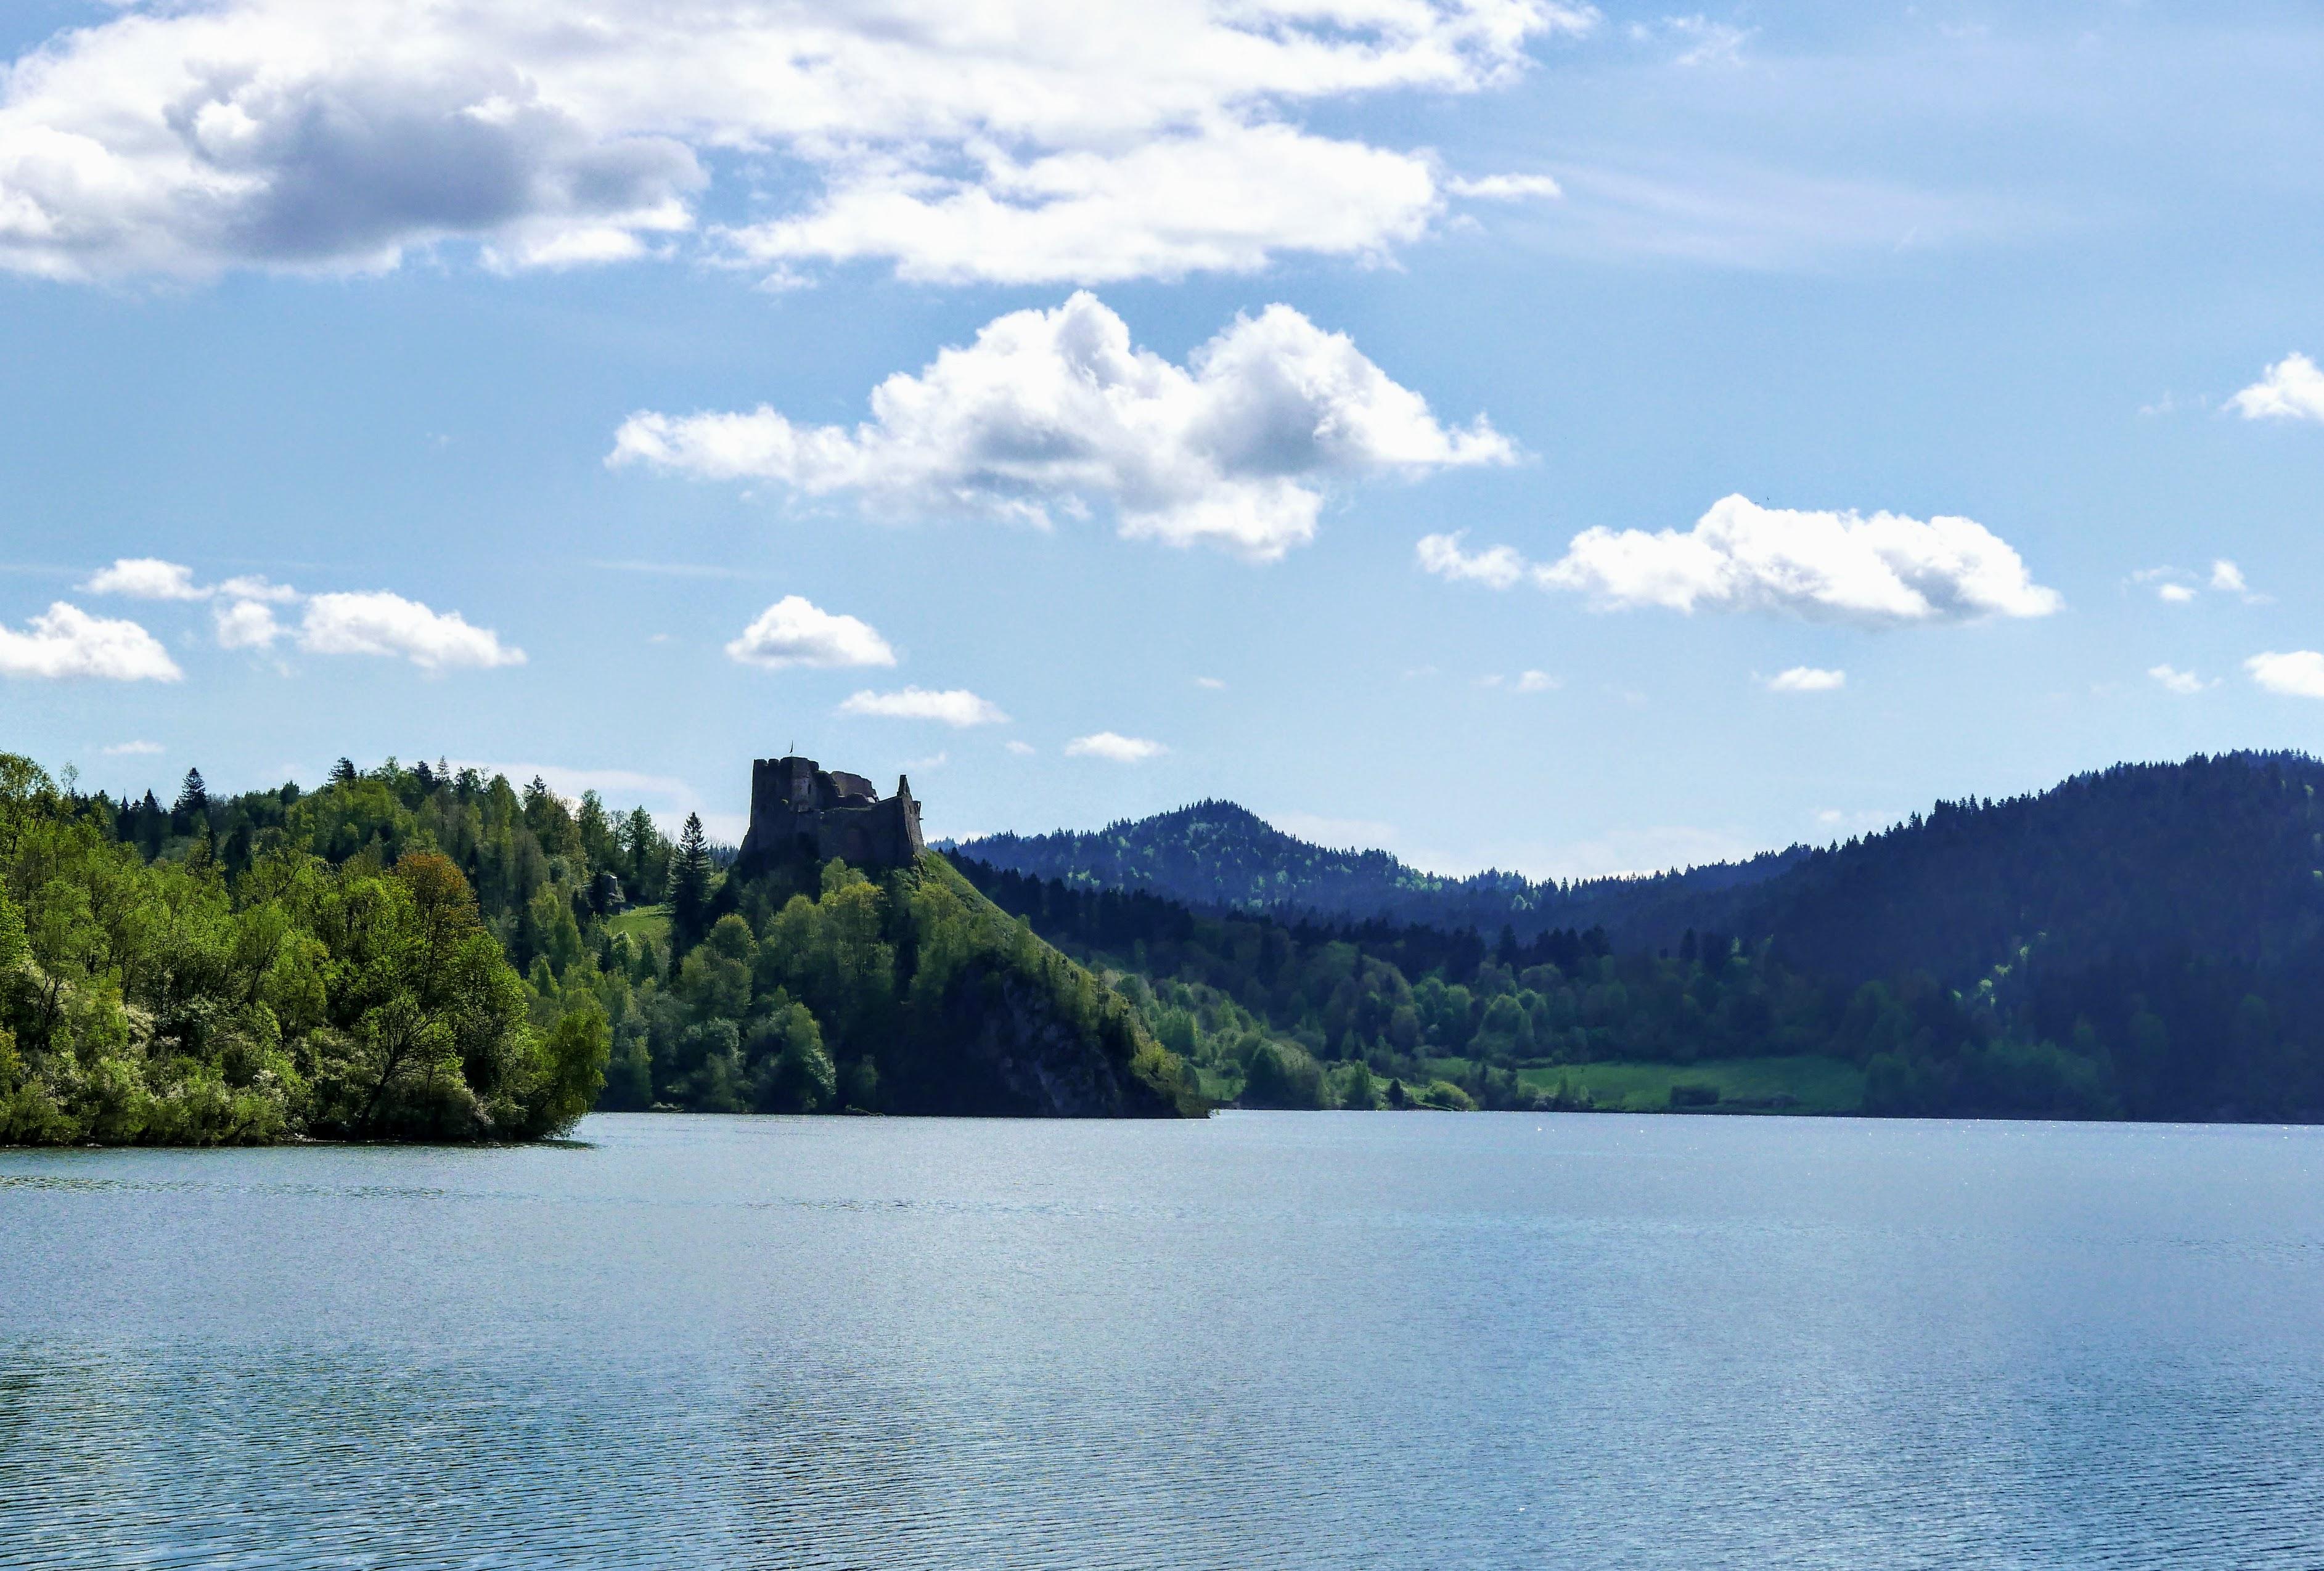 Pieniny, Velo Czorsztyn. Trasa rowerowa dookoła Jeziora Czorsztyńskiego. Pieniny atrakcje. Pieniny na rowerze. Velo Czorsztyn mapa trasy.